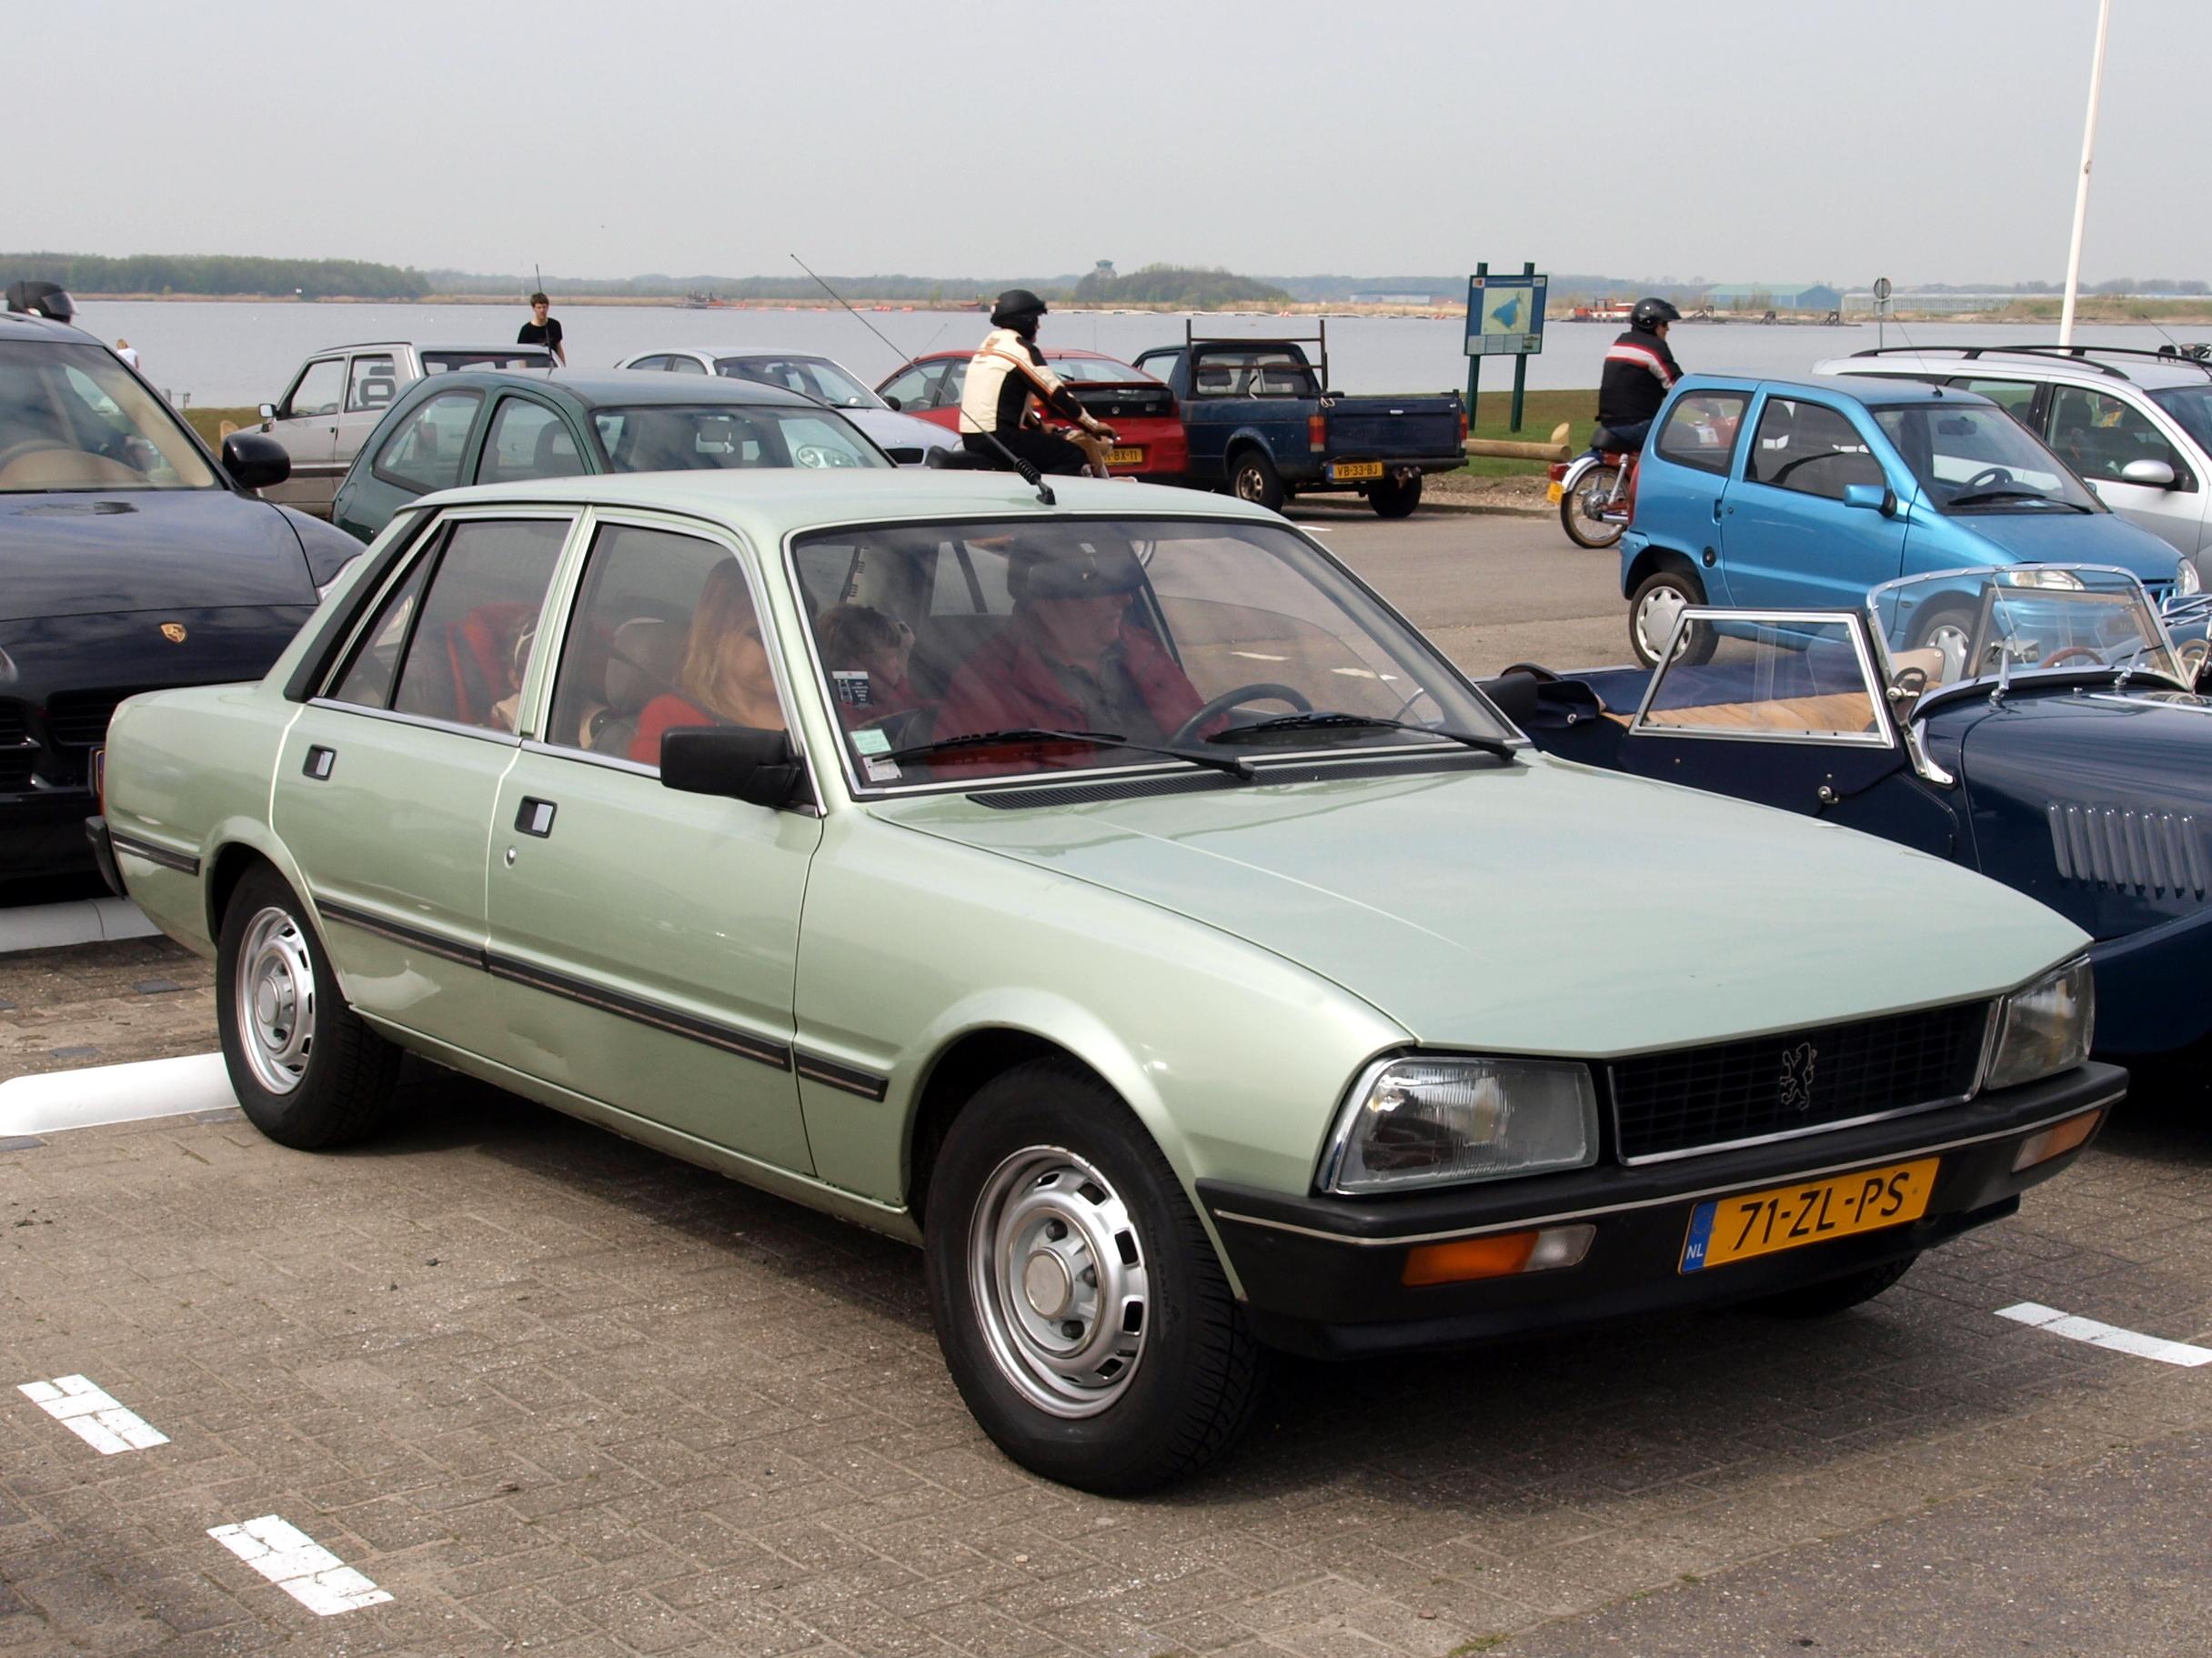 File:Peugeot 505 SR Automatique (1979), Dutch licence registration